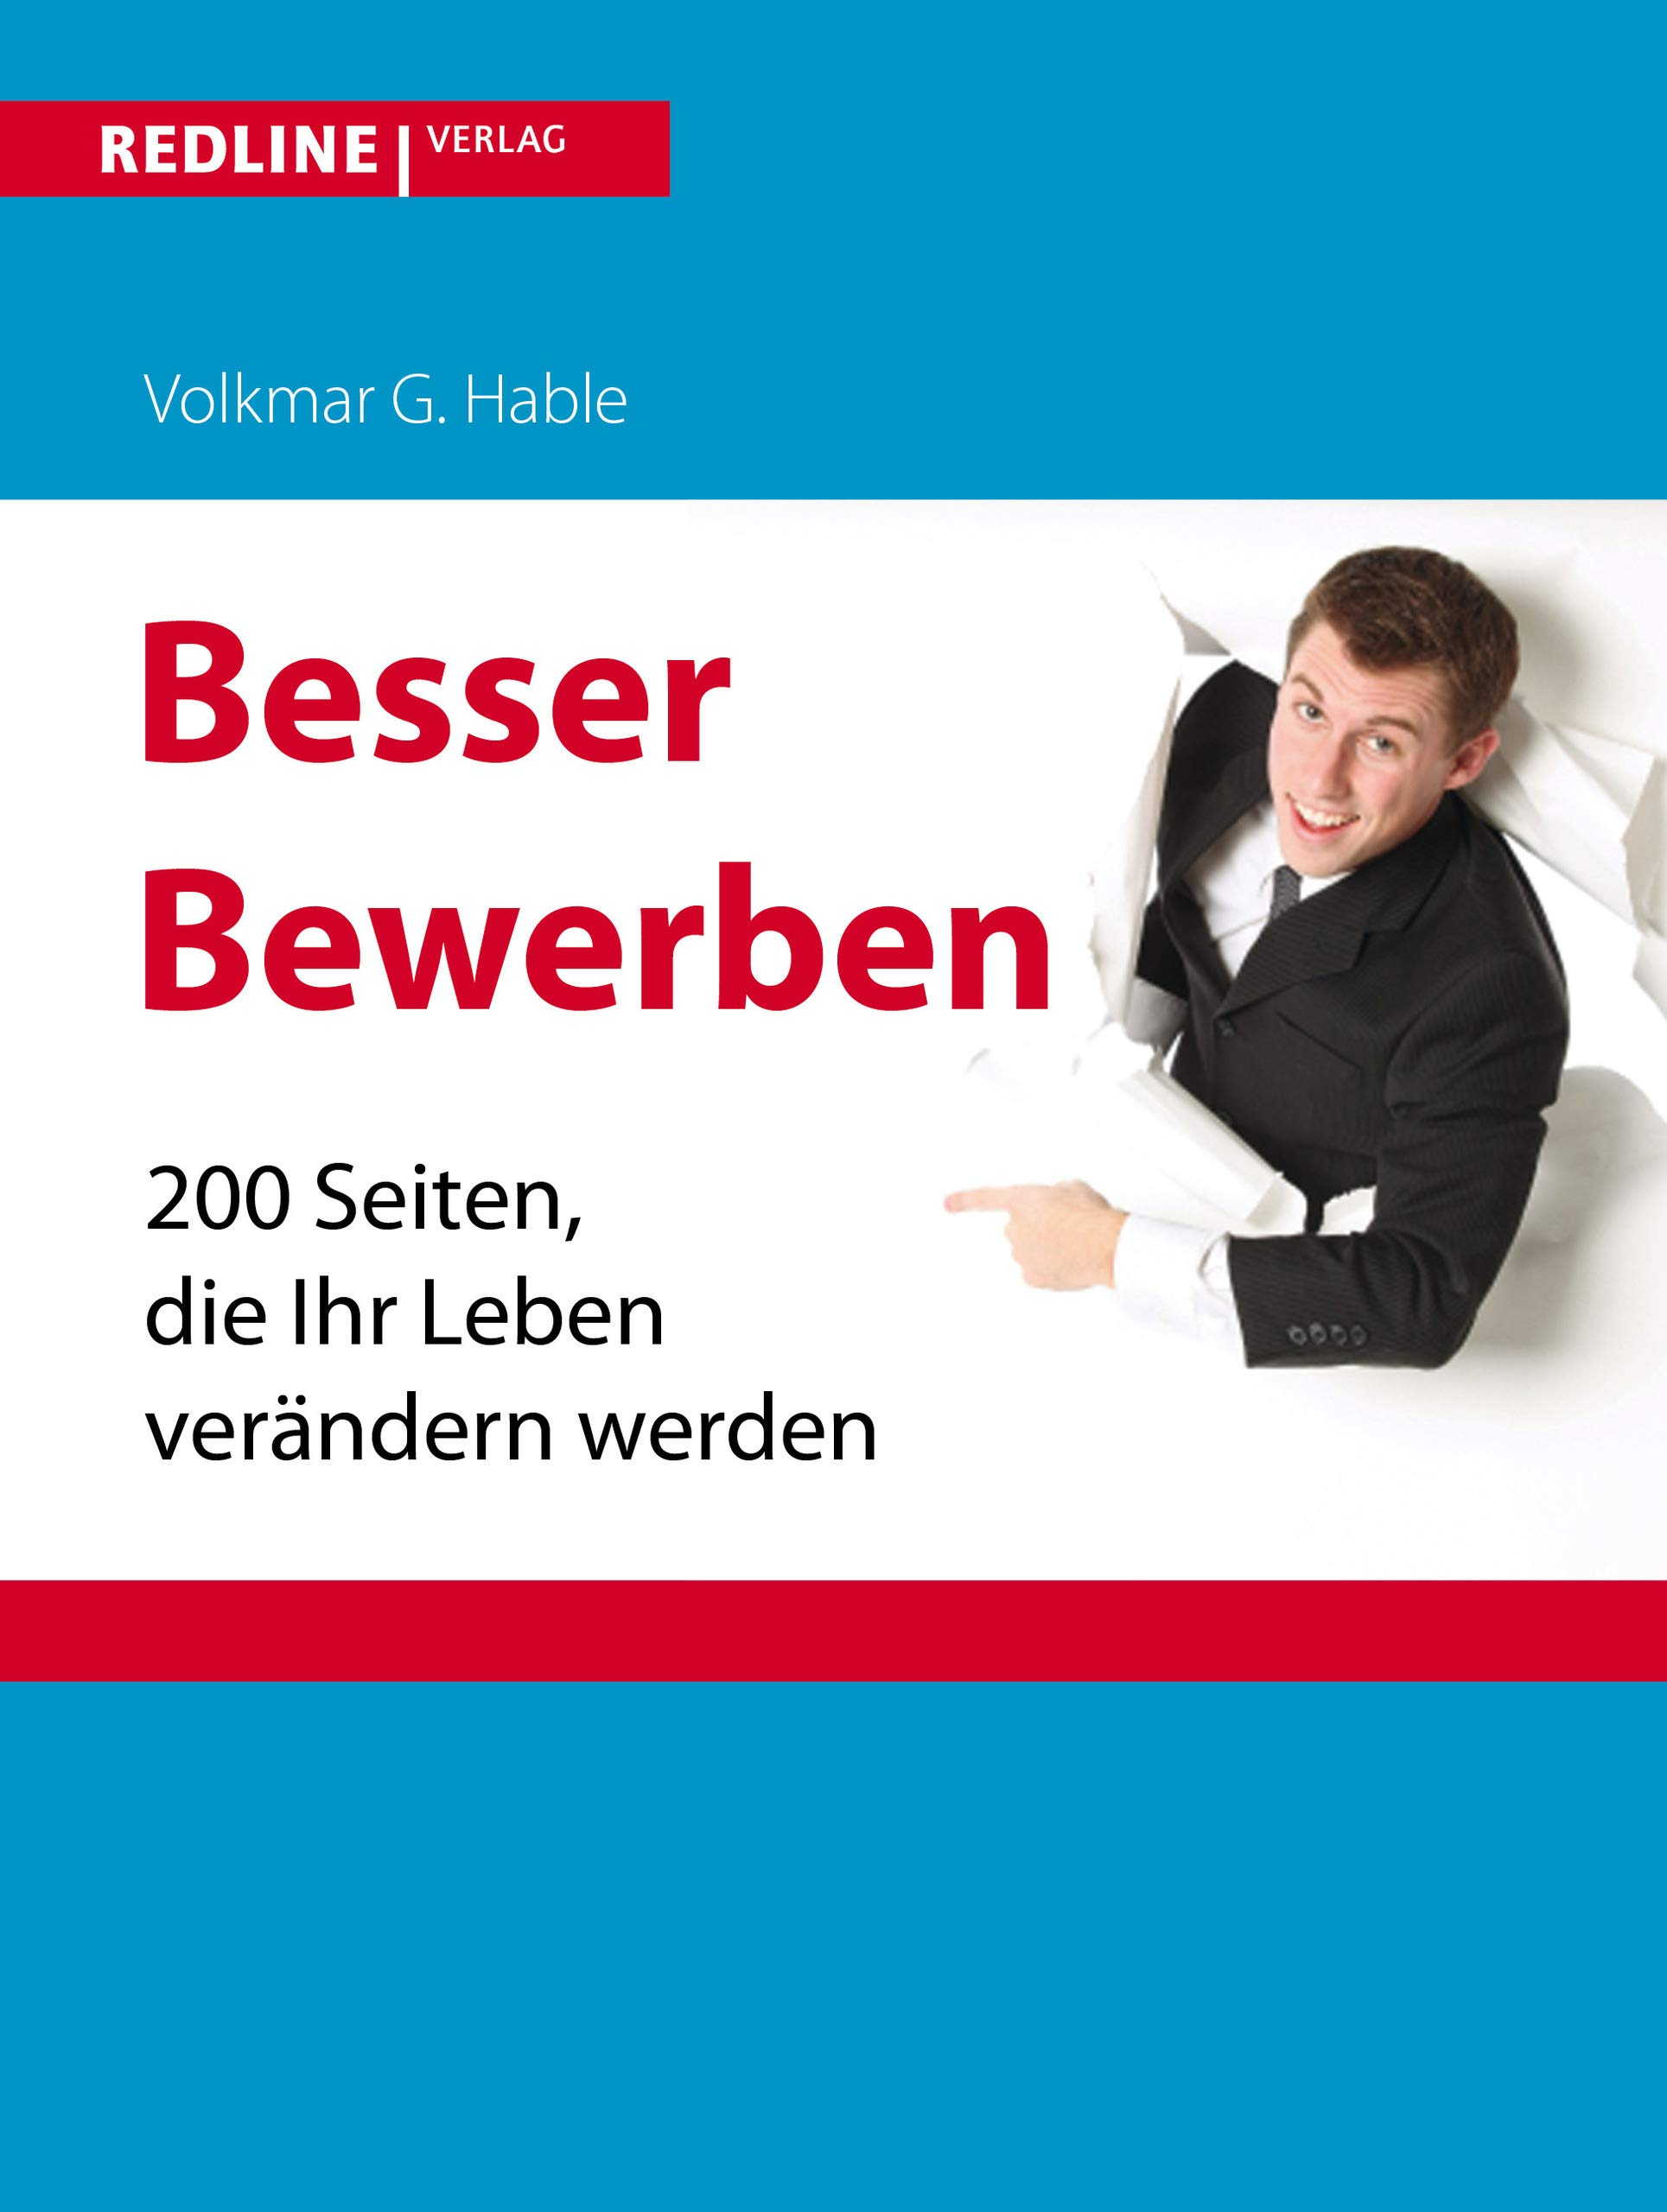 Einfach Besser Bewerben 9783866683587 Amazon Com Books 13